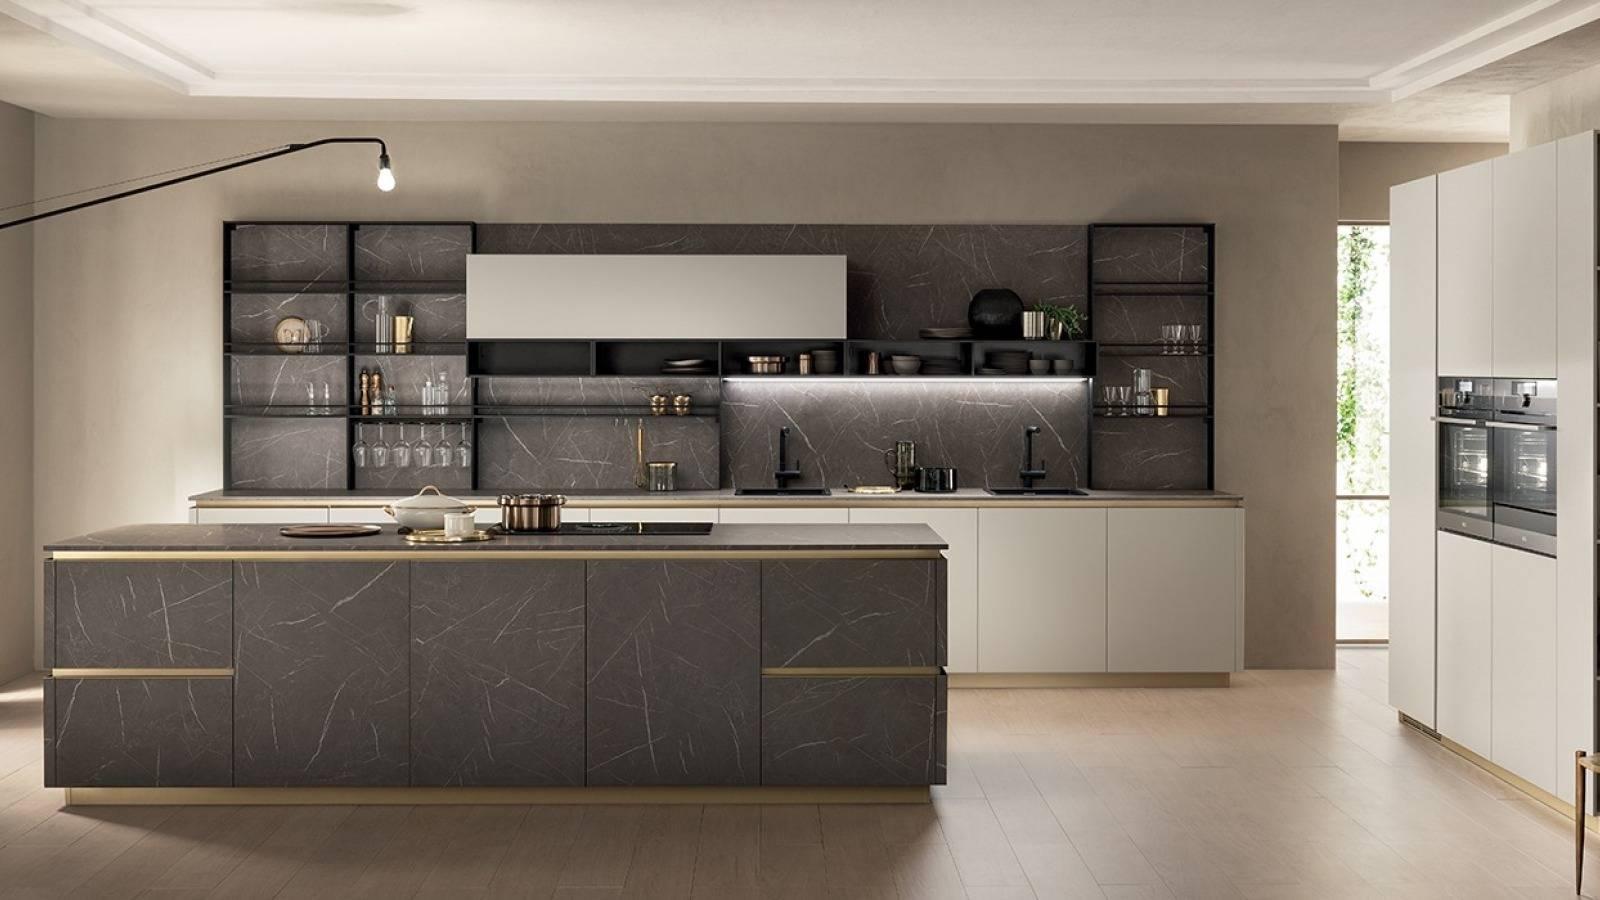 Плита на кухне. какой отдать предпочтение? фото современной техники